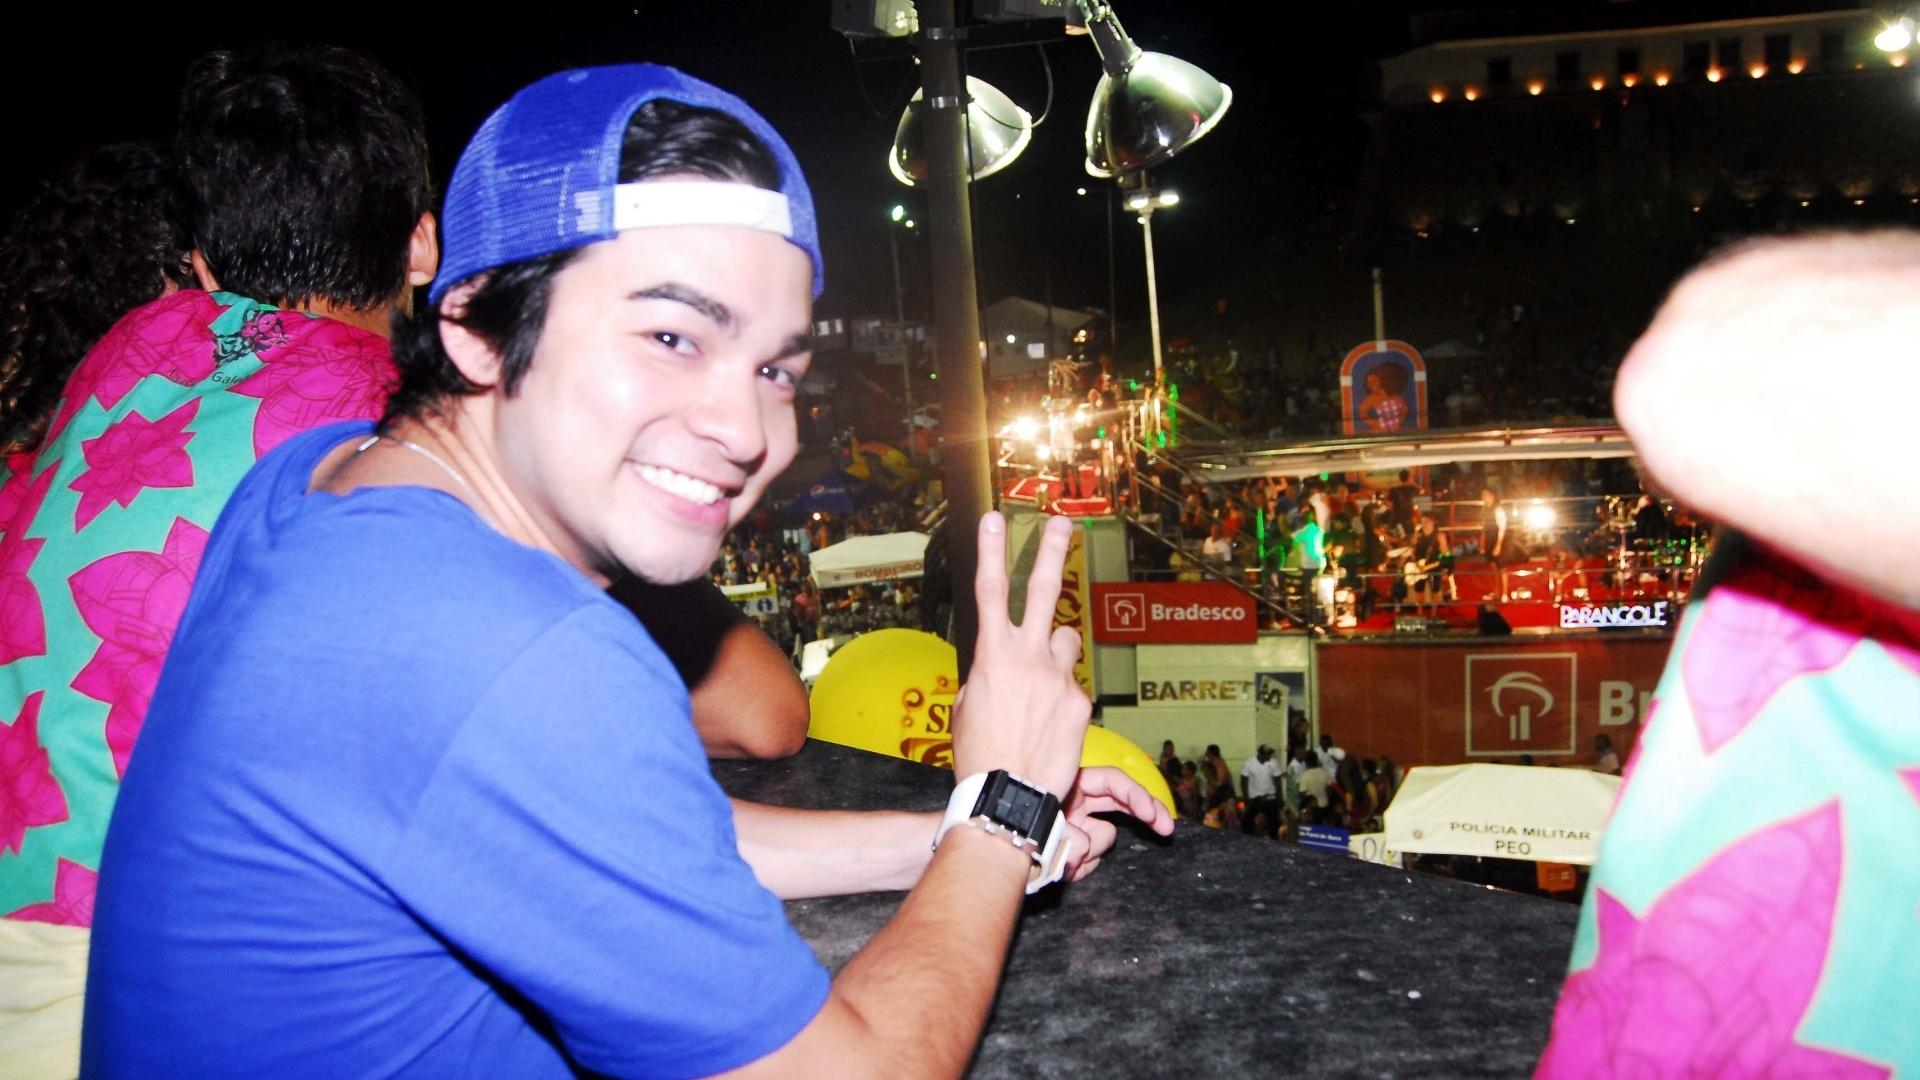 Yudi, apresentador do SBT, curte o Carnaval de Salvador no camarote da emissora na madrugada desta sexta-feira (17/2/12)